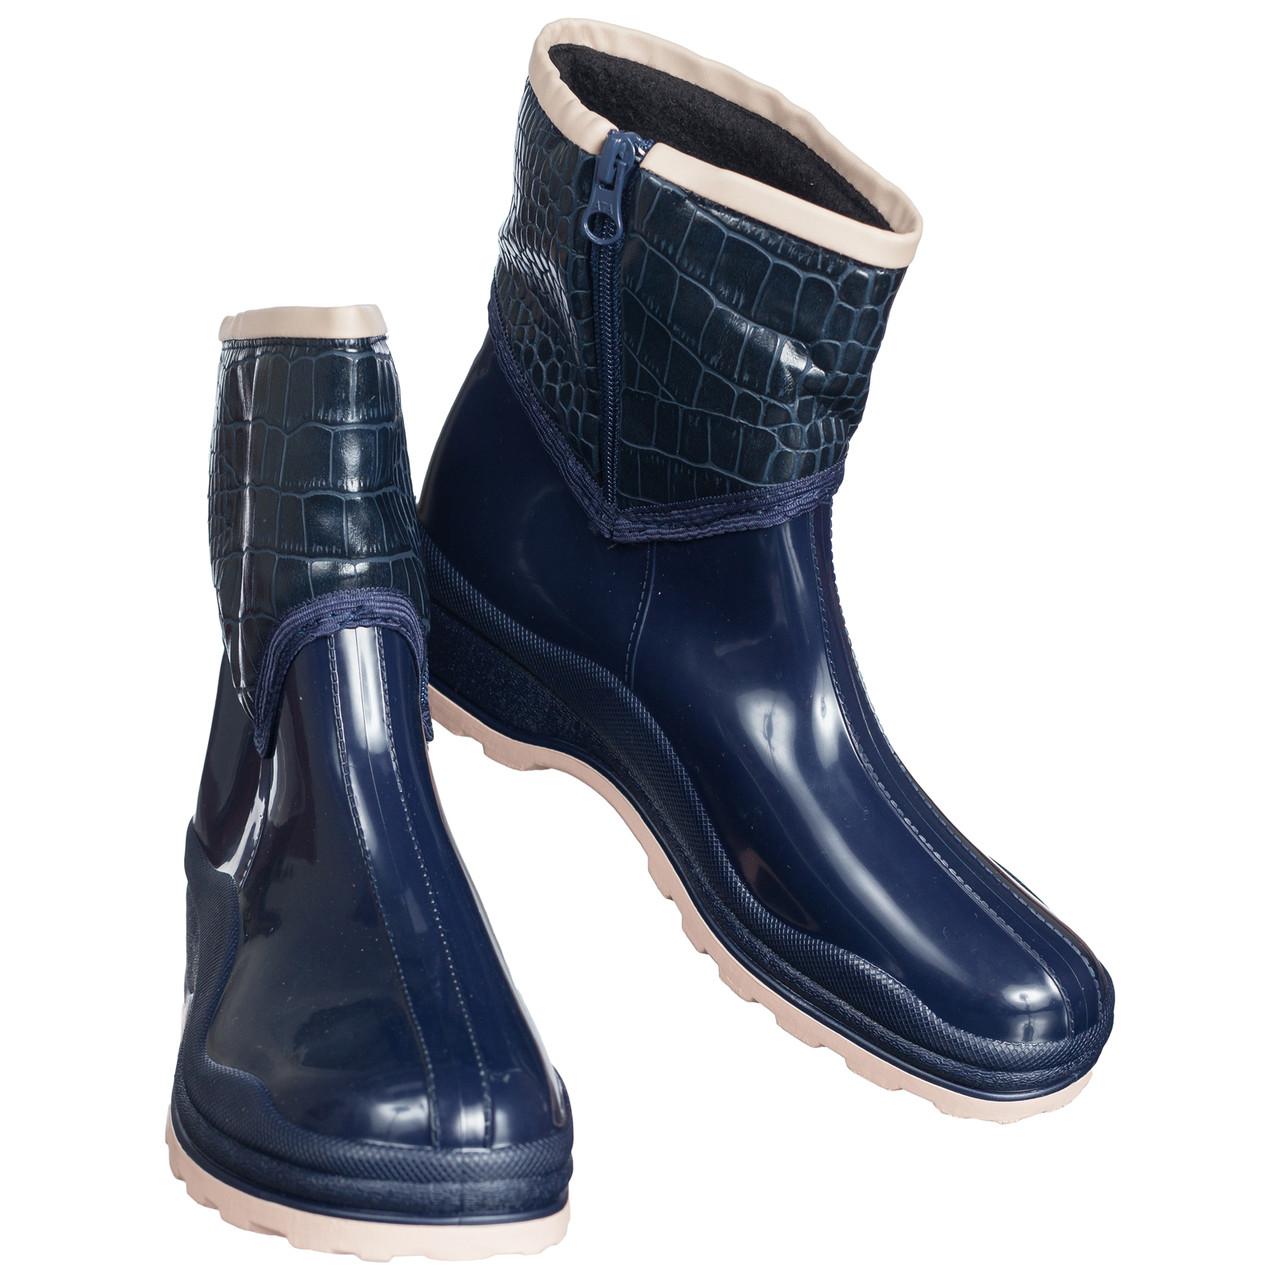 Резиновые ботинки полусапожки непромокаемые утепленные флисом по всей длине синие женские 37р b-434